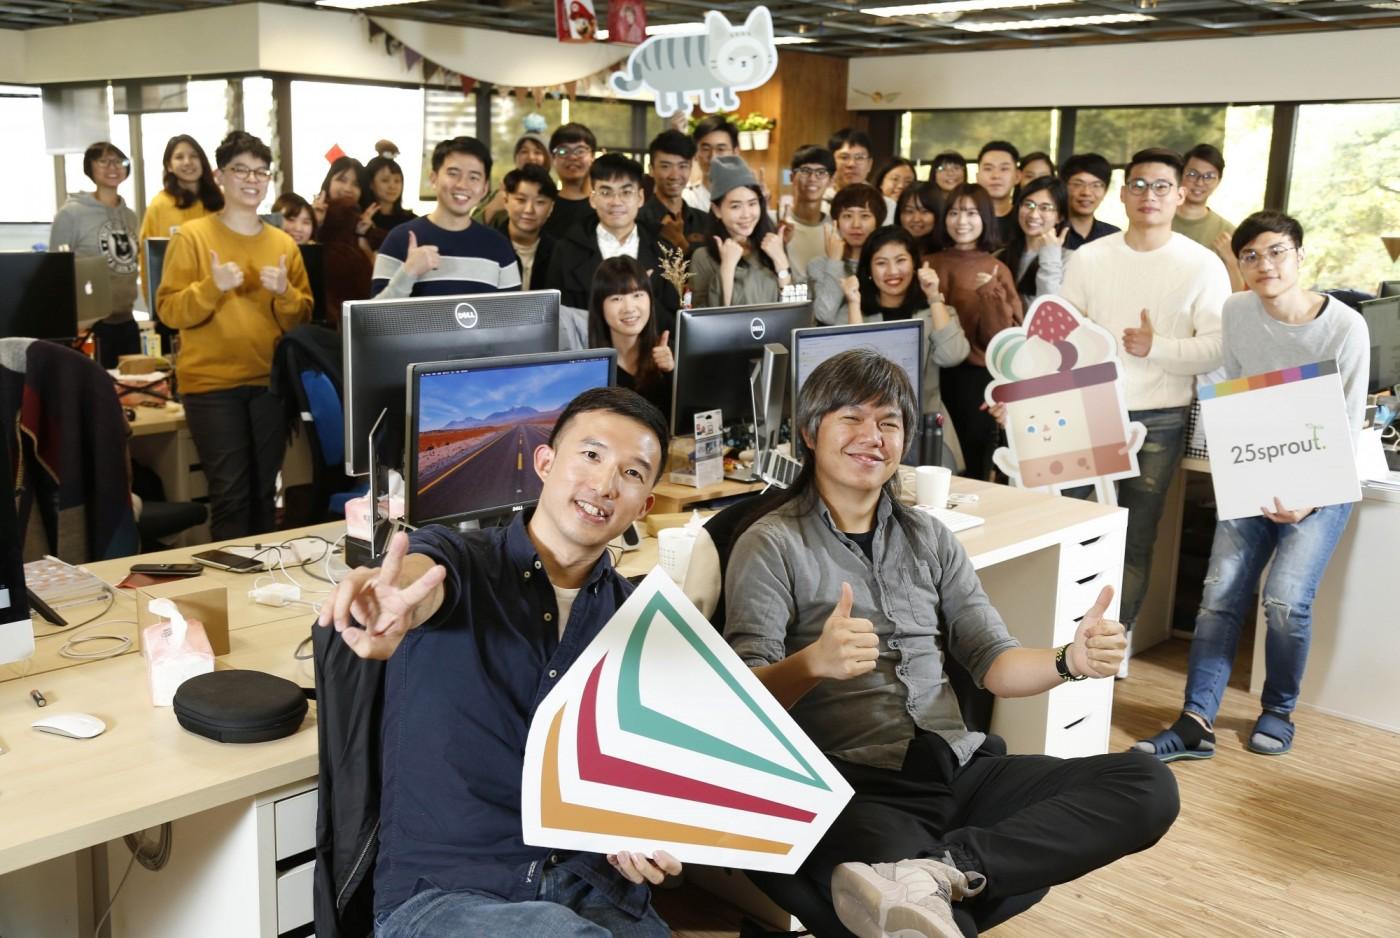 成功挺進歐洲市場!25sprout新芽網路要成為全世界最酷的台灣網路新創